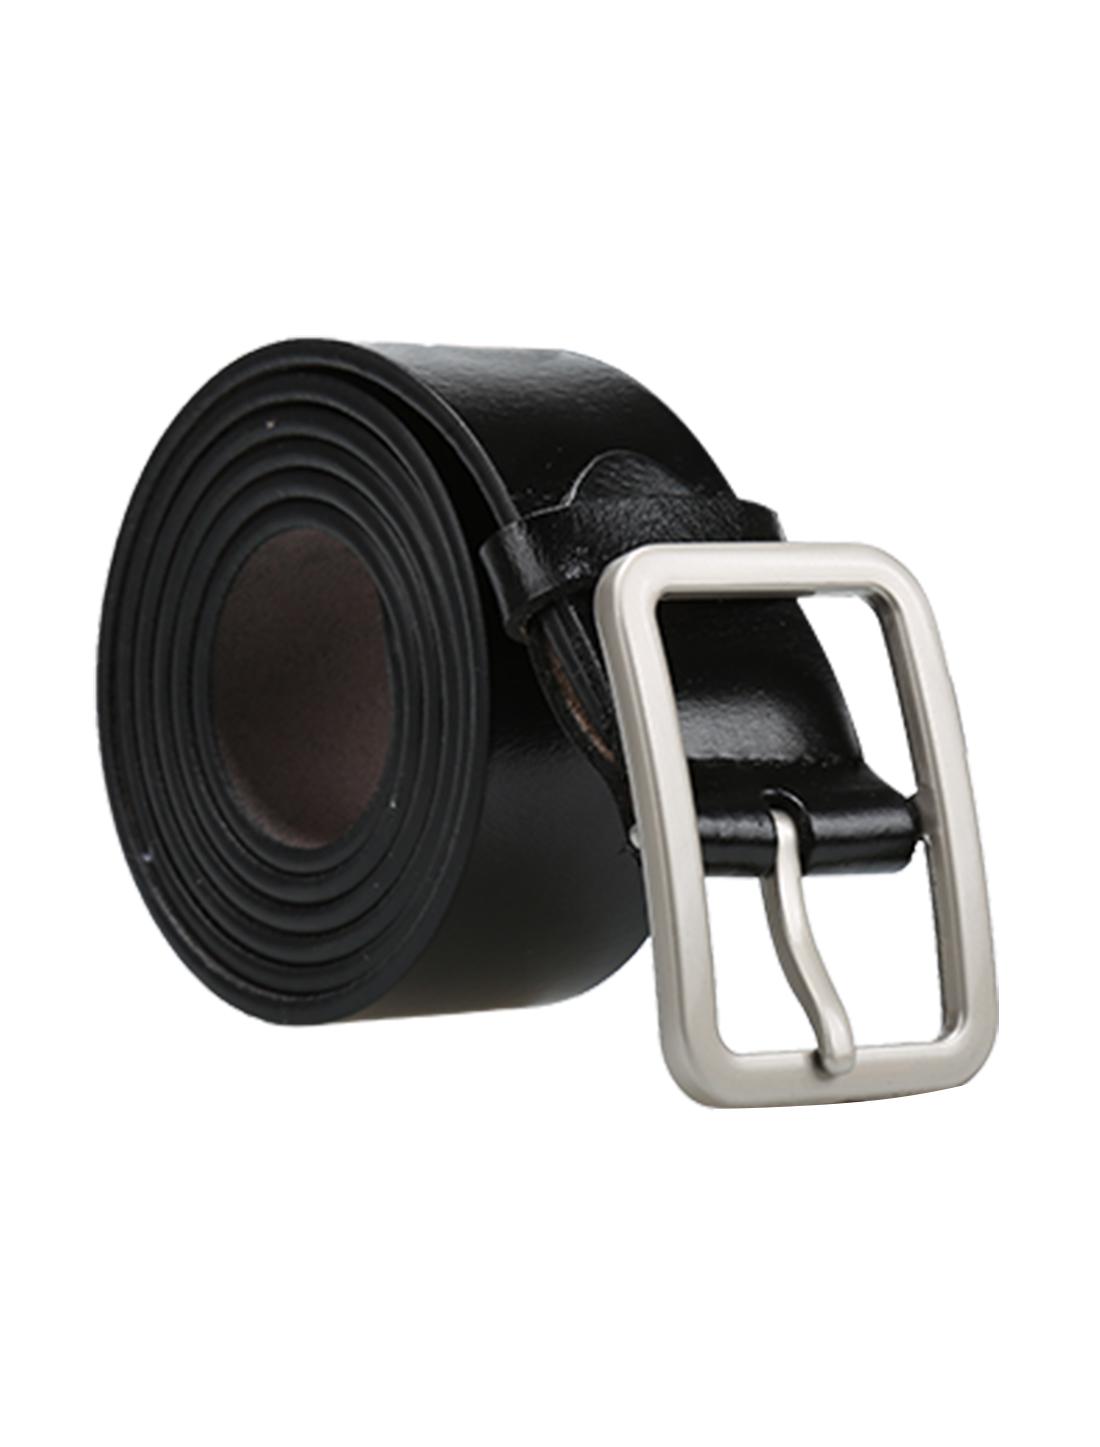 Men Casual Single Pin Buckle Dress Leather Belt 33mm Width 1 1/4 Black 125cm